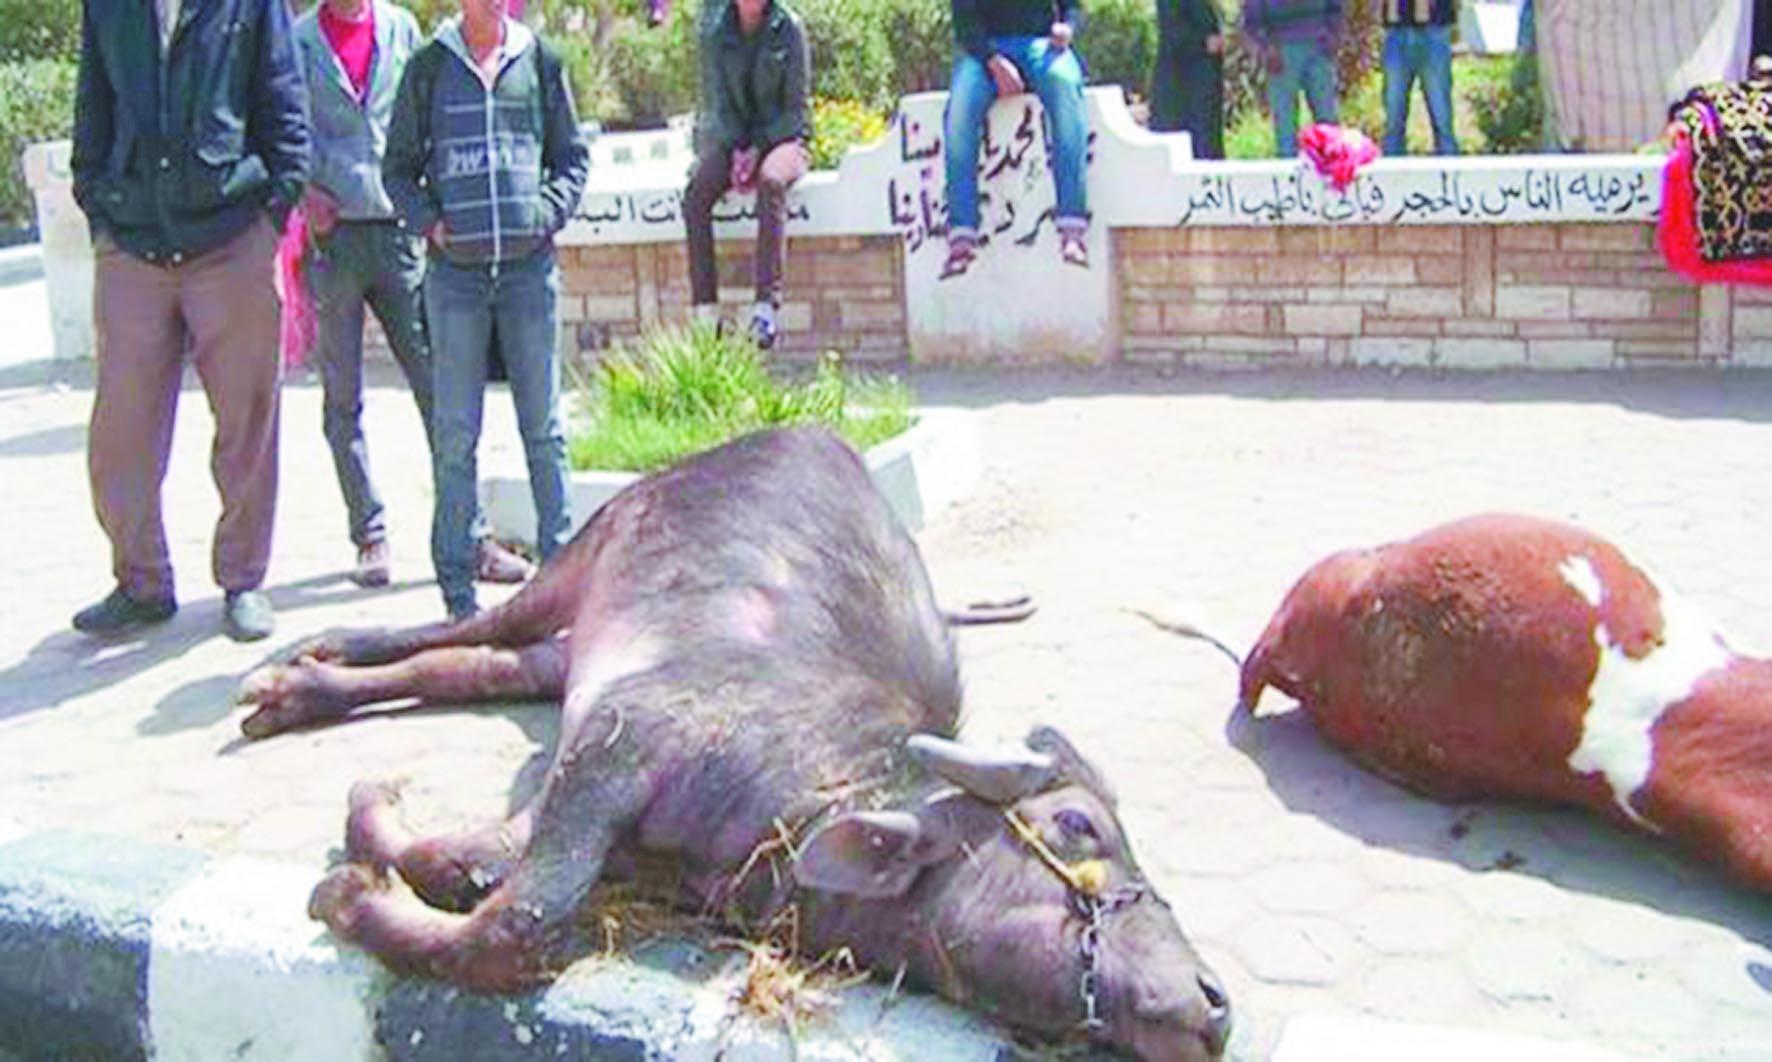 Bêtes malades  et éleveurs inquiets